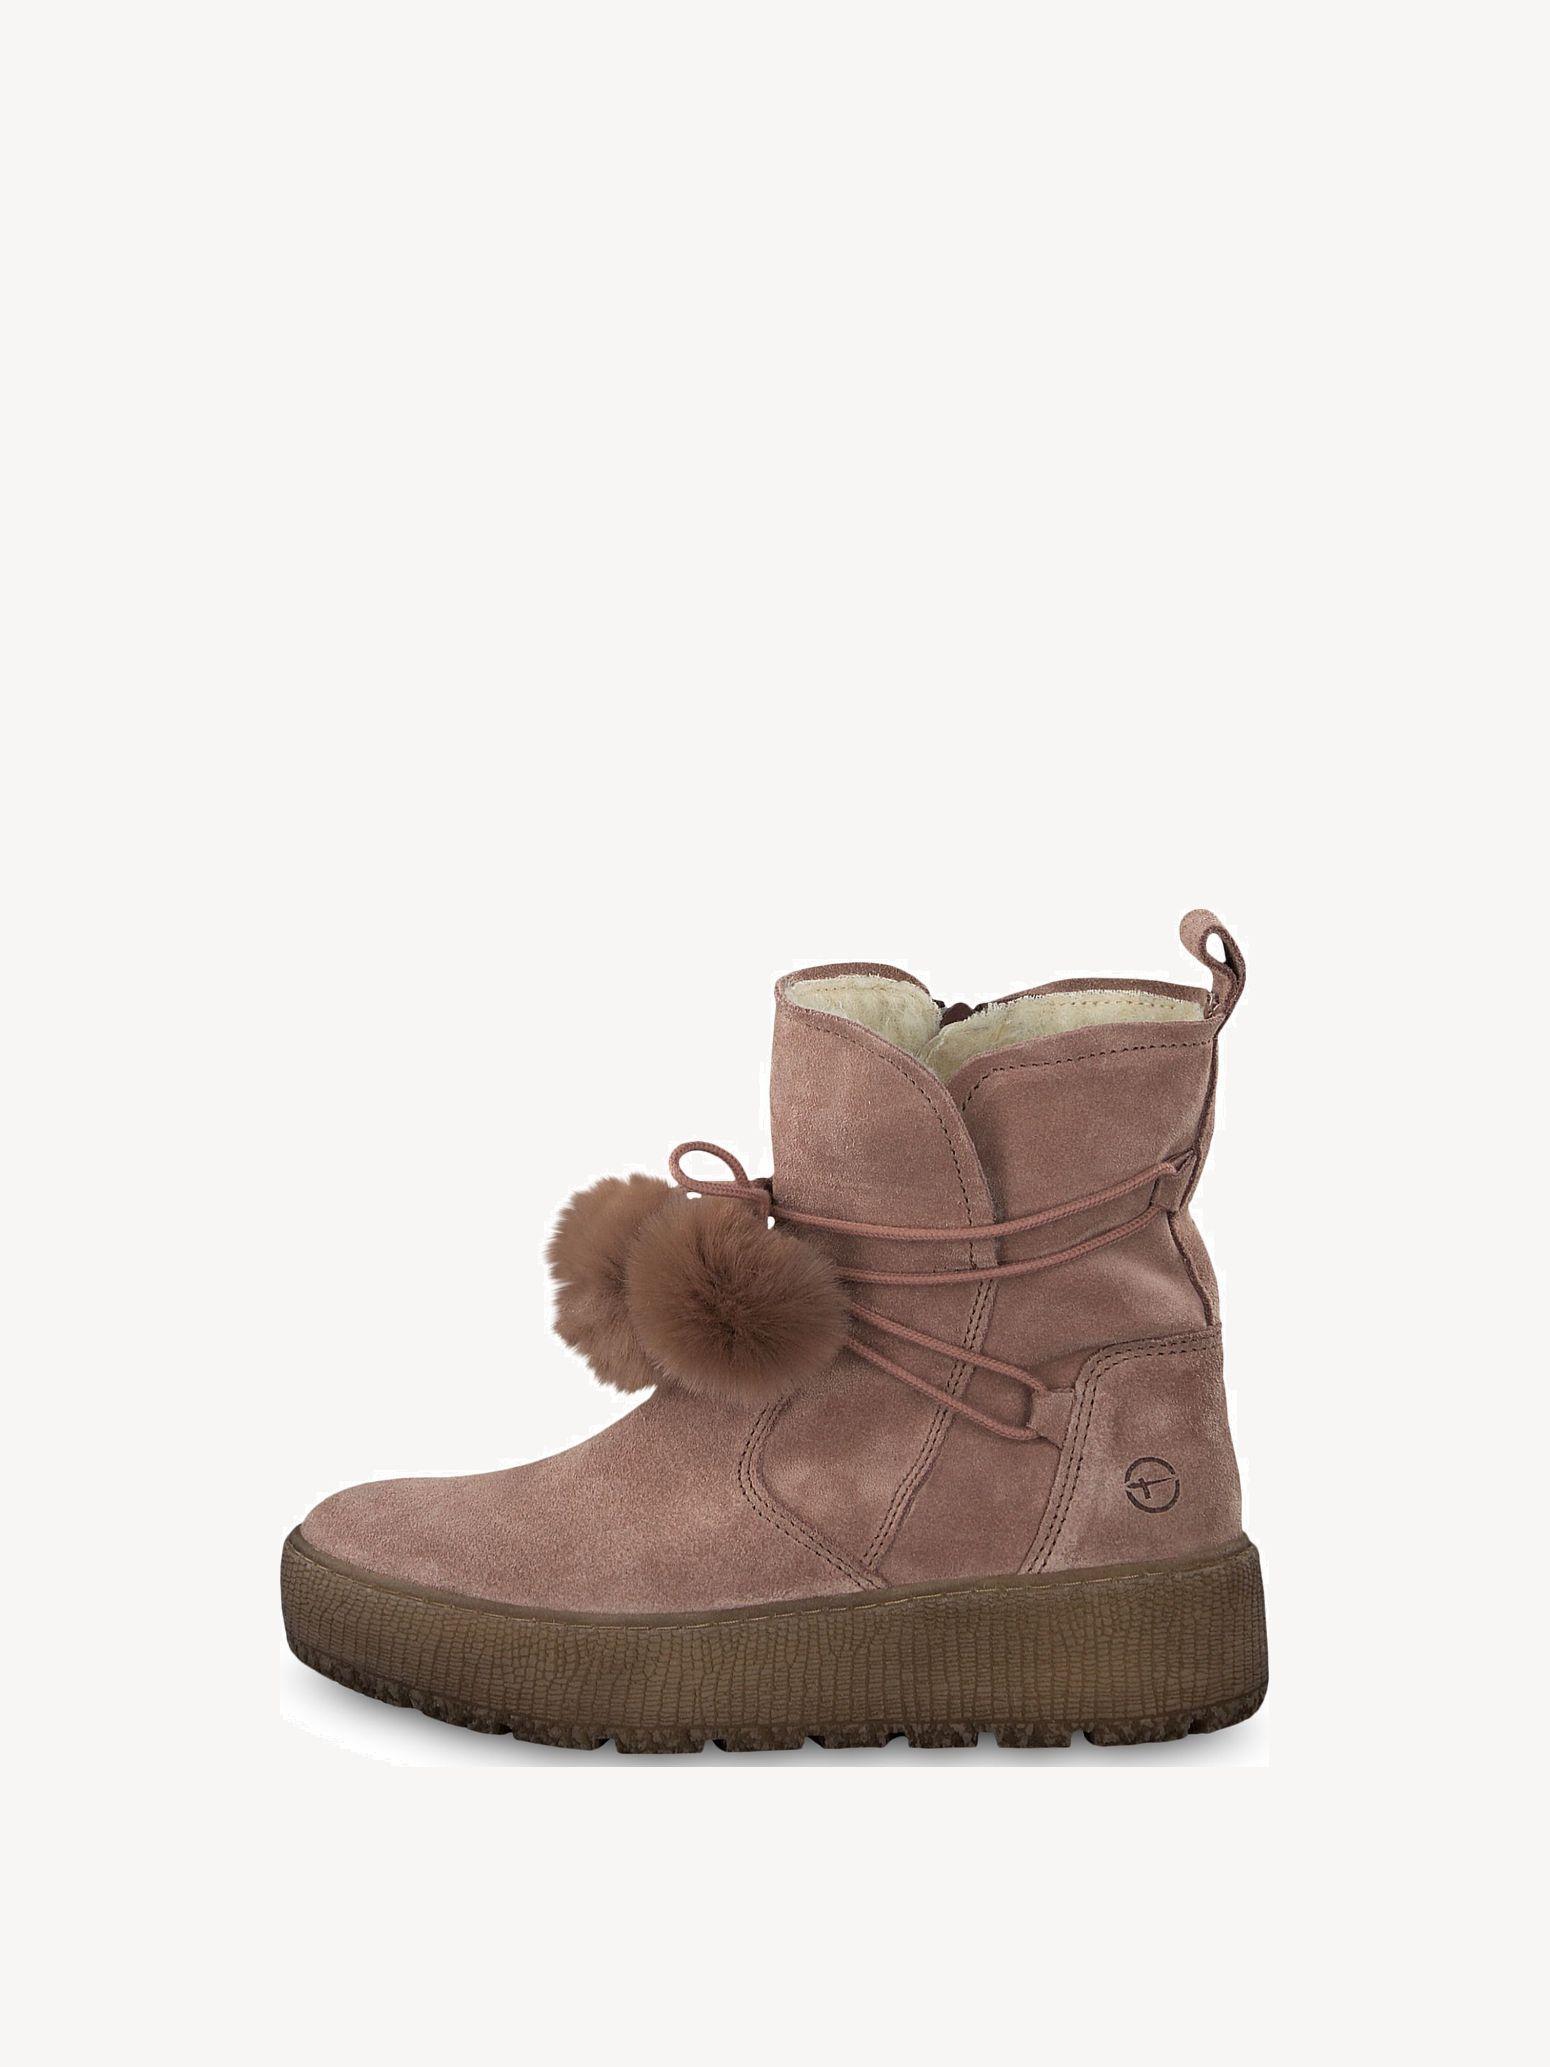 Tamaris Tamaris Beige Powder Beige Tamaris Schuhe Schuhe